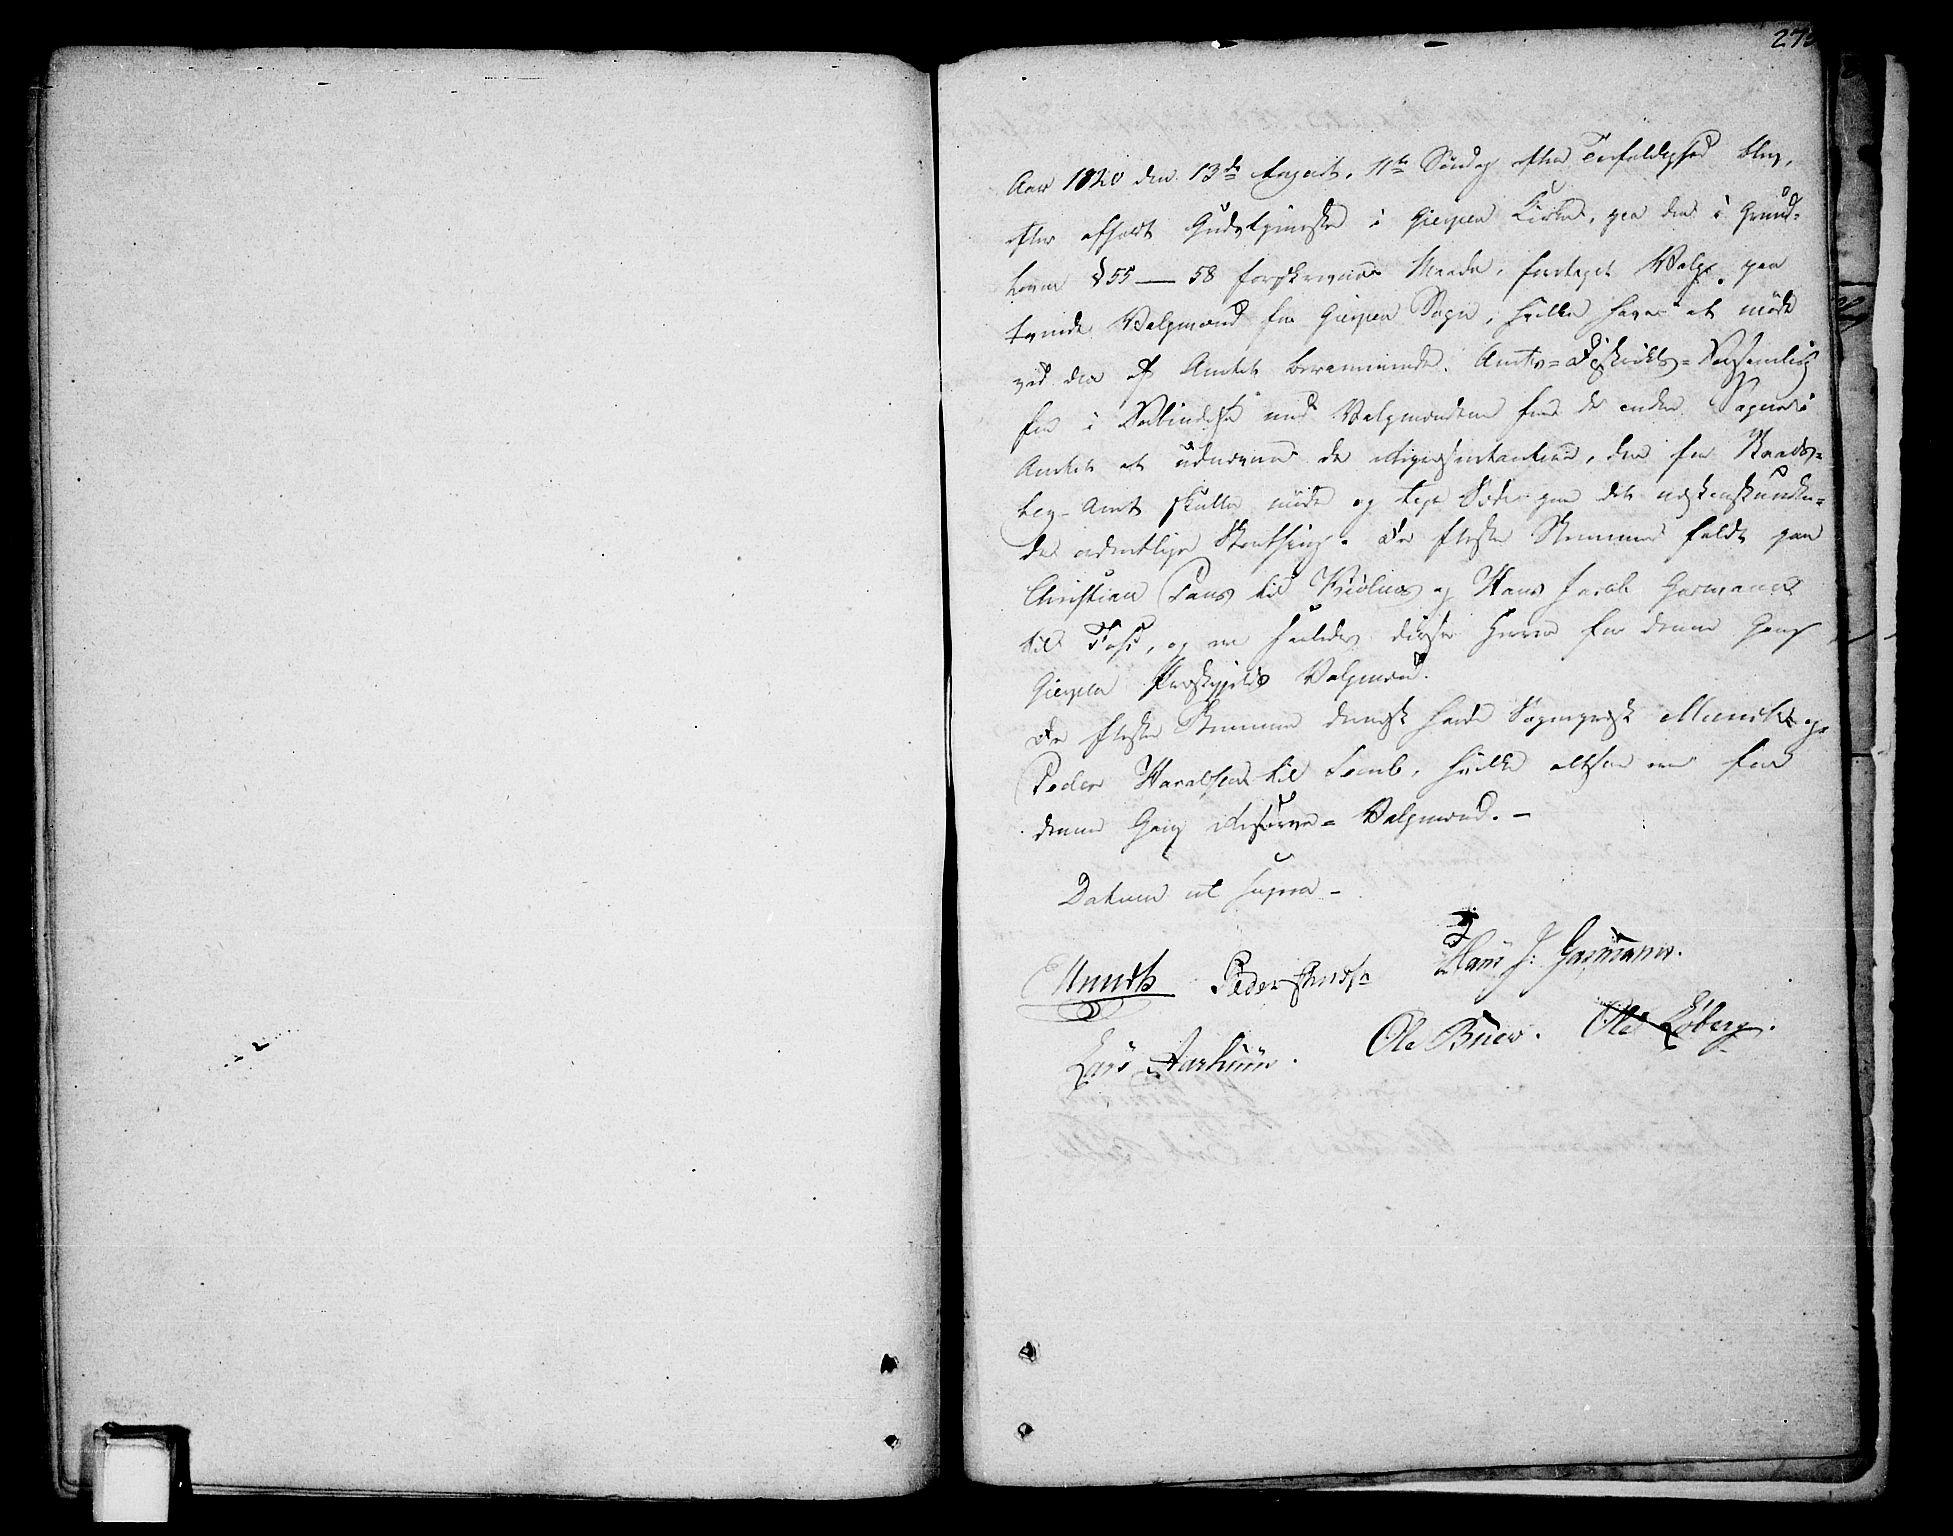 SAKO, Gjerpen kirkebøker, F/Fa/L0003: Ministerialbok nr. 3, 1796-1814, s. 275